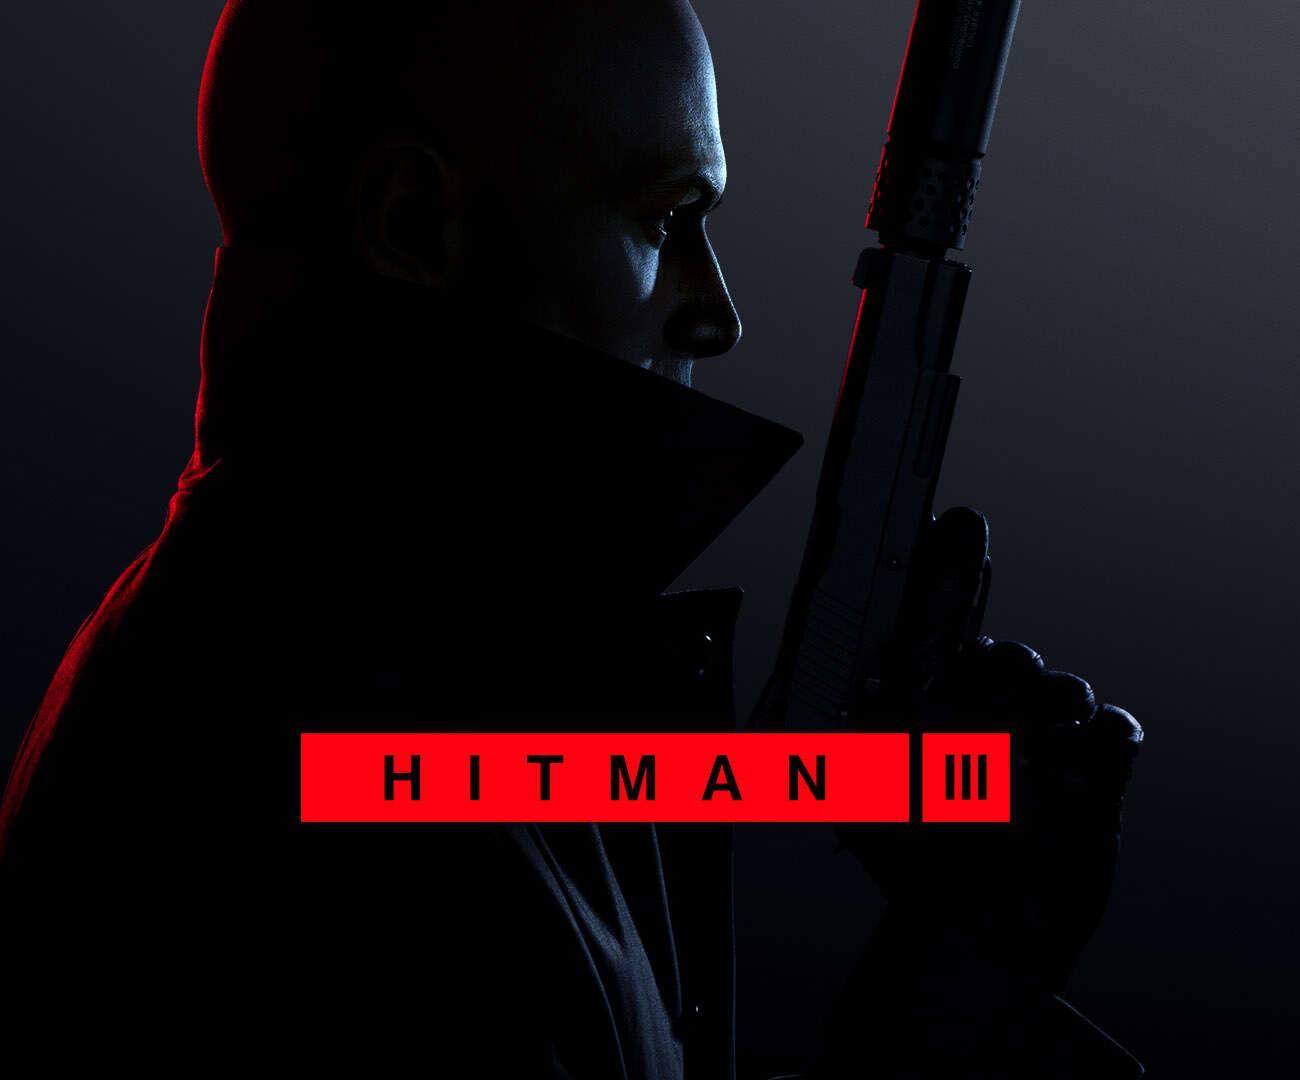 Premierowy zwiastun Hitman 3 podsumowuje cztery lata z łysym